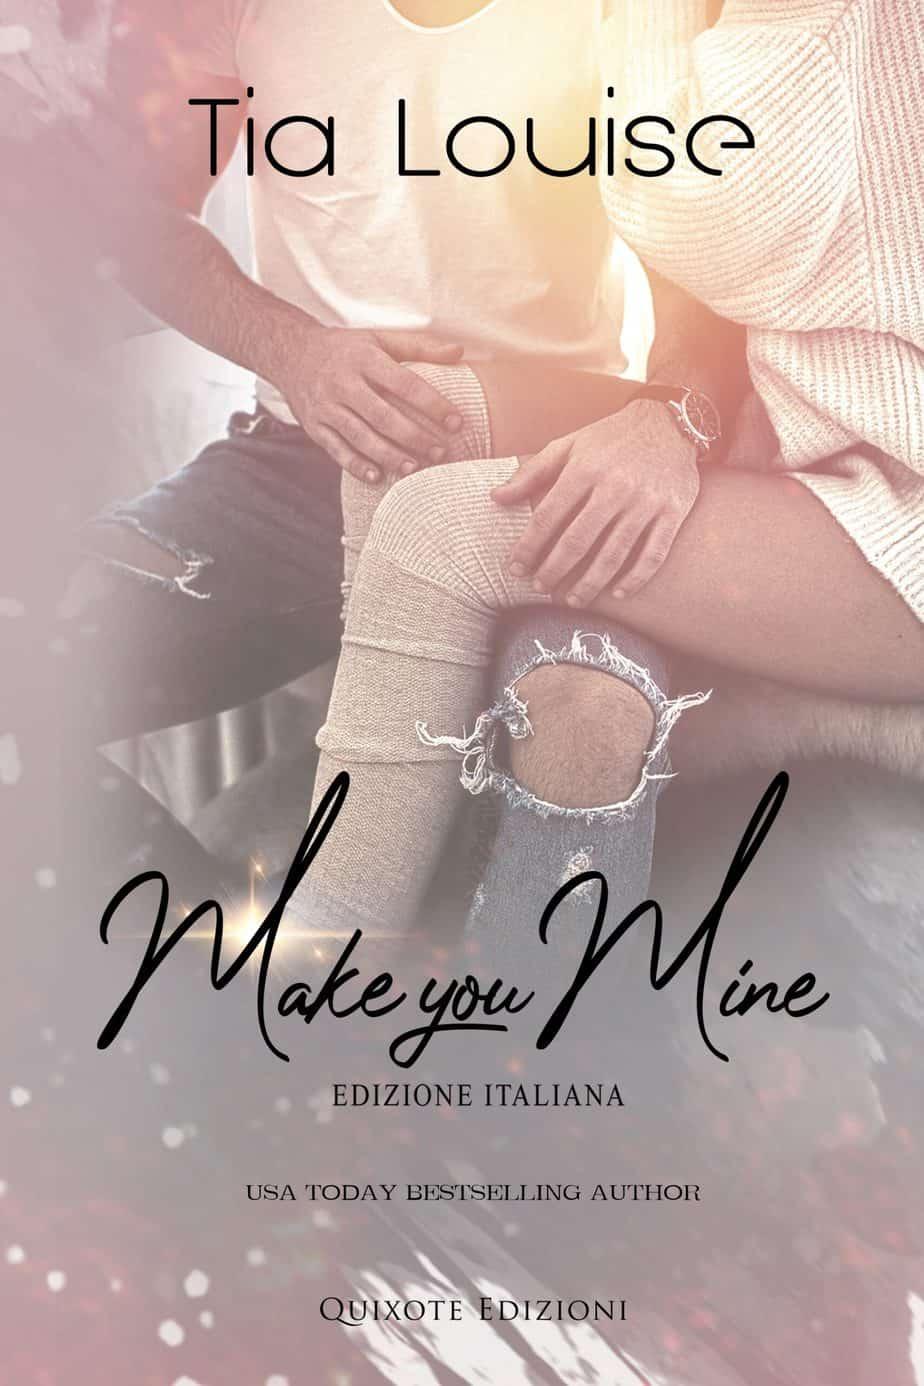 Segnalazione | Make you mine di Tia Louise